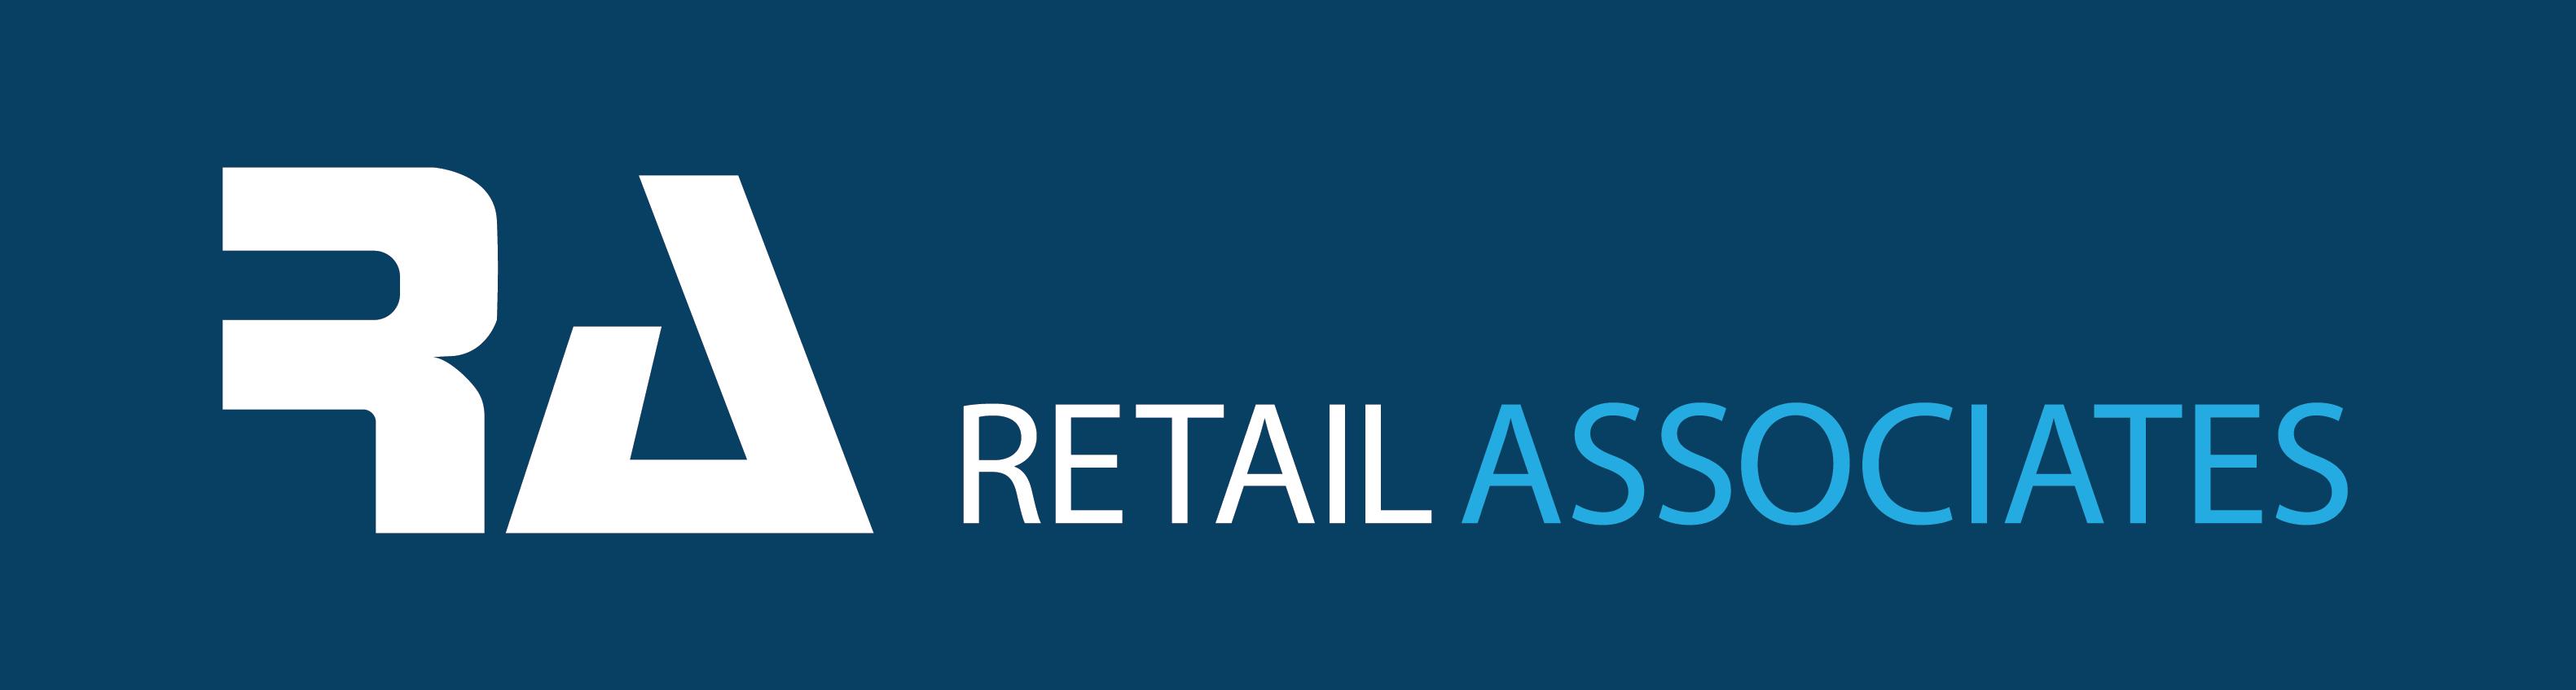 https://houghandbollard.co.uk/wp-content/uploads/2018/11/Retail-Associates-Logo.png